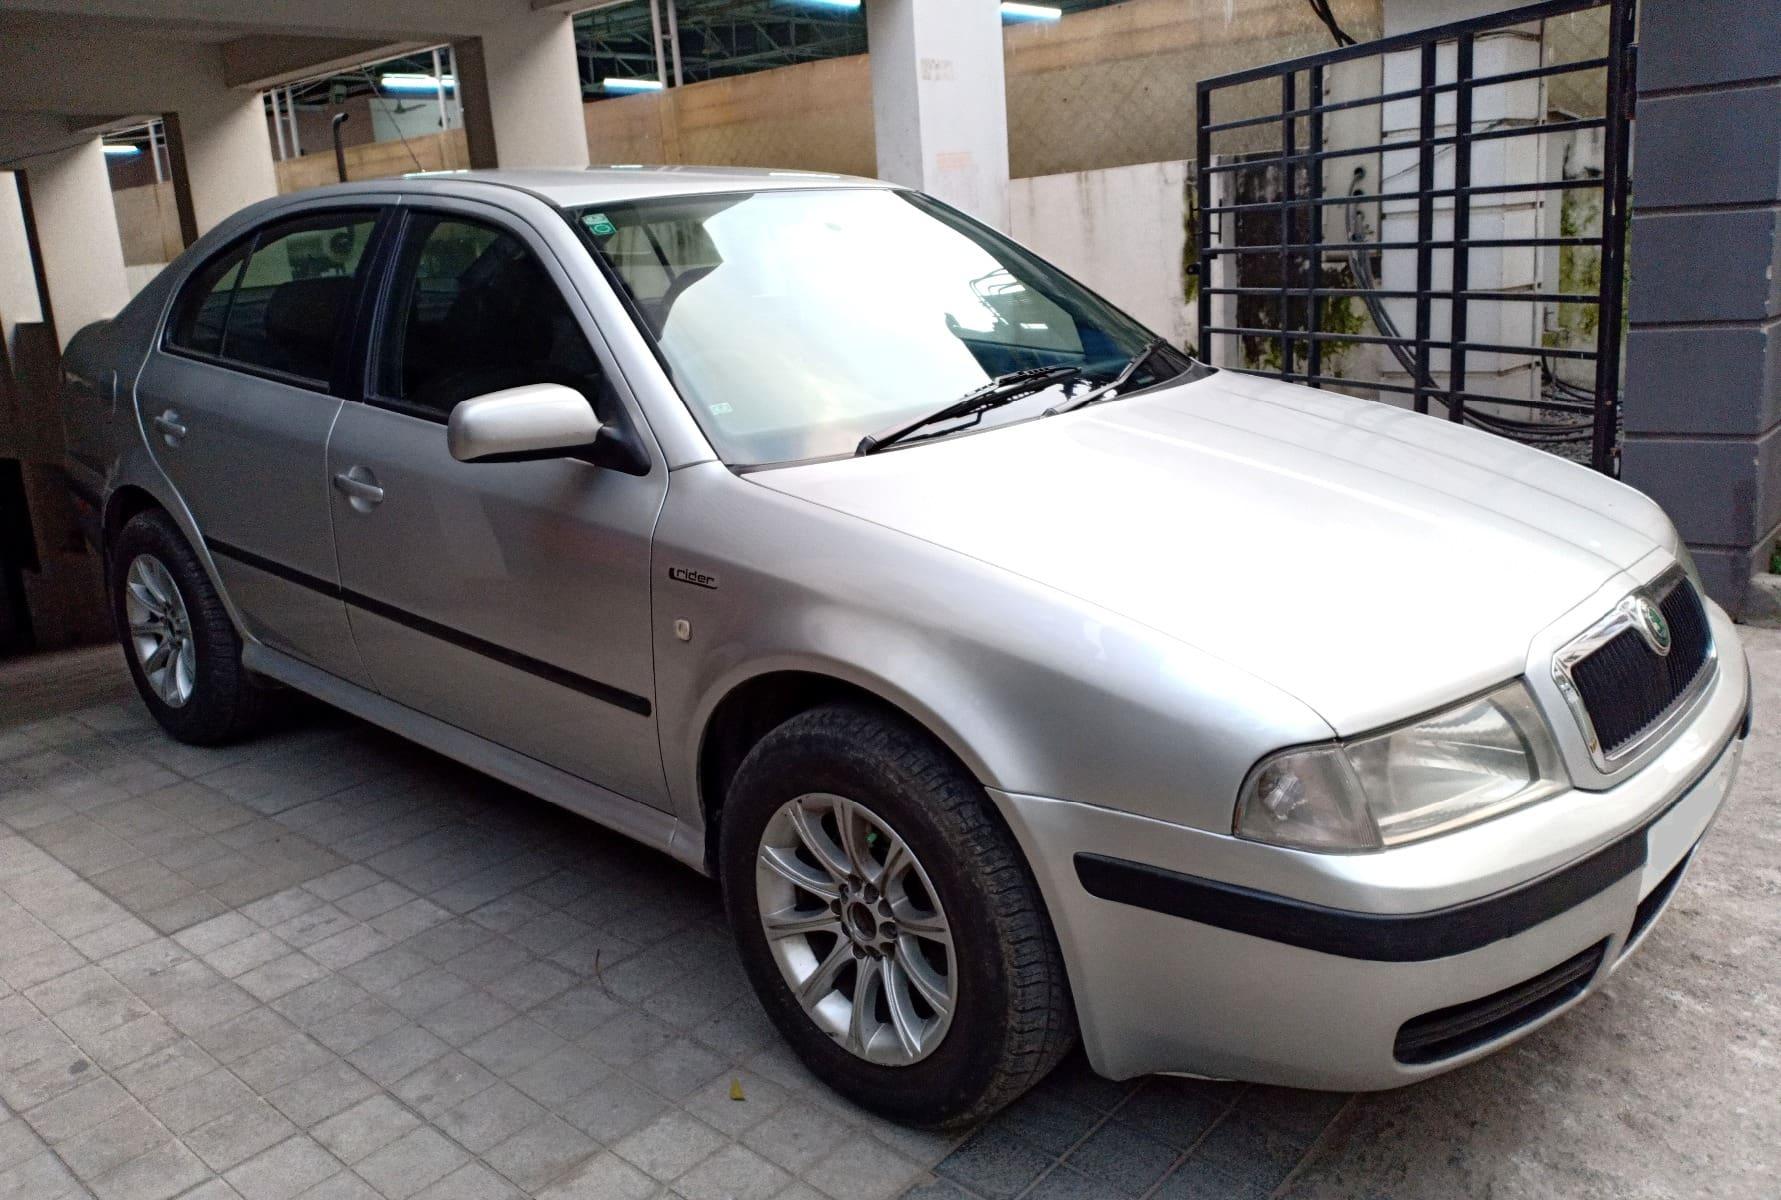 Skoda Octavia 2000-2010 Rider 1.9 TDI MT